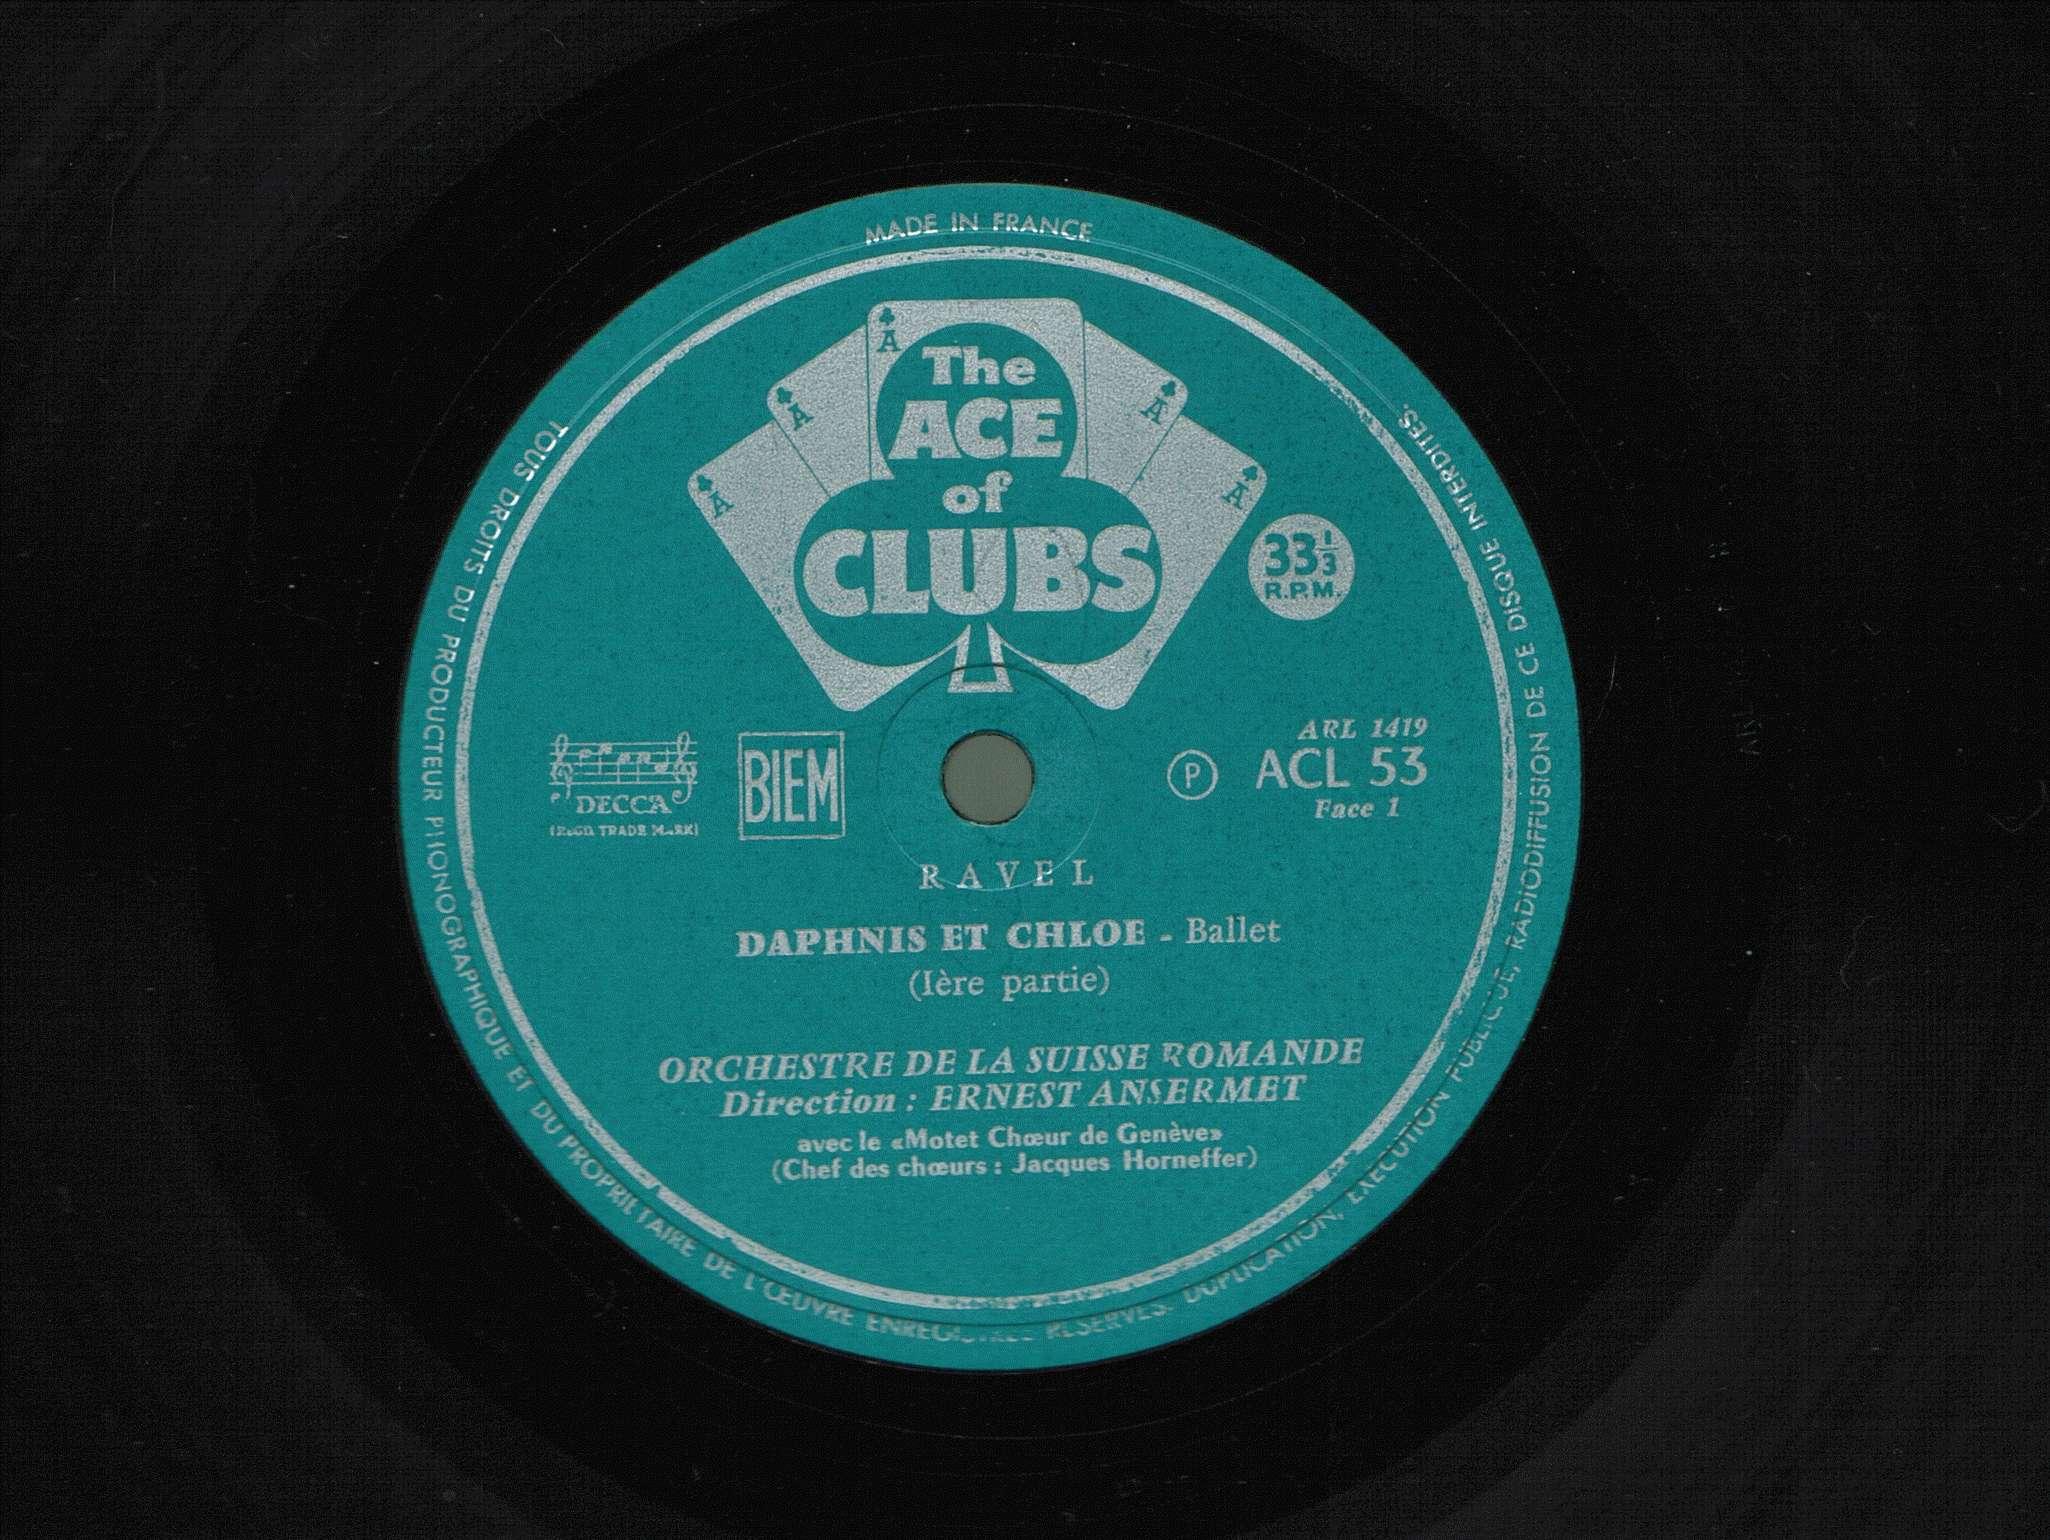 M. Ravel, Daphnis et Chloe, OSR, E. Ansermet, 1952, 4/8